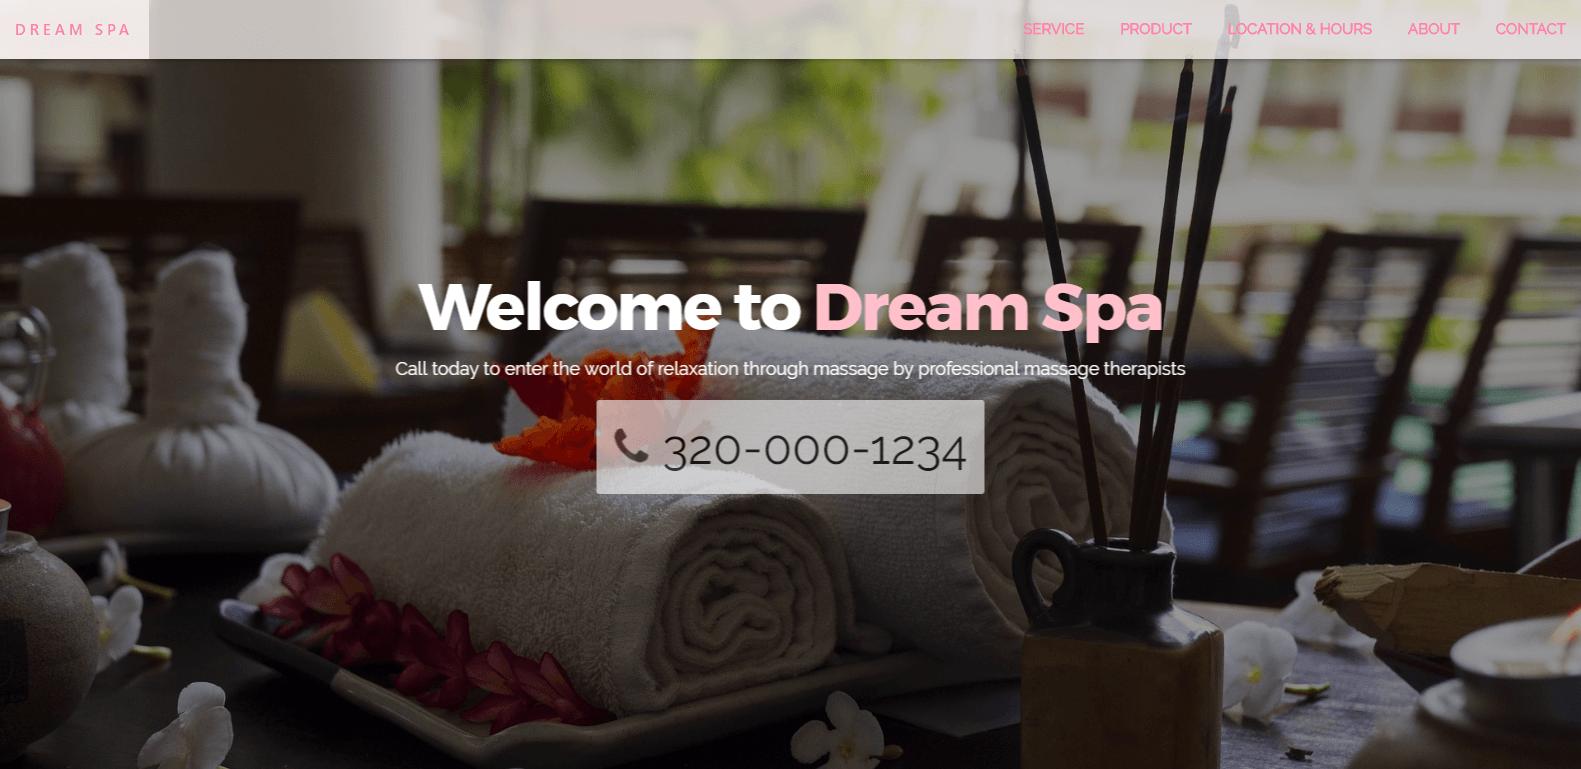 spa site example by Saranya Moellers